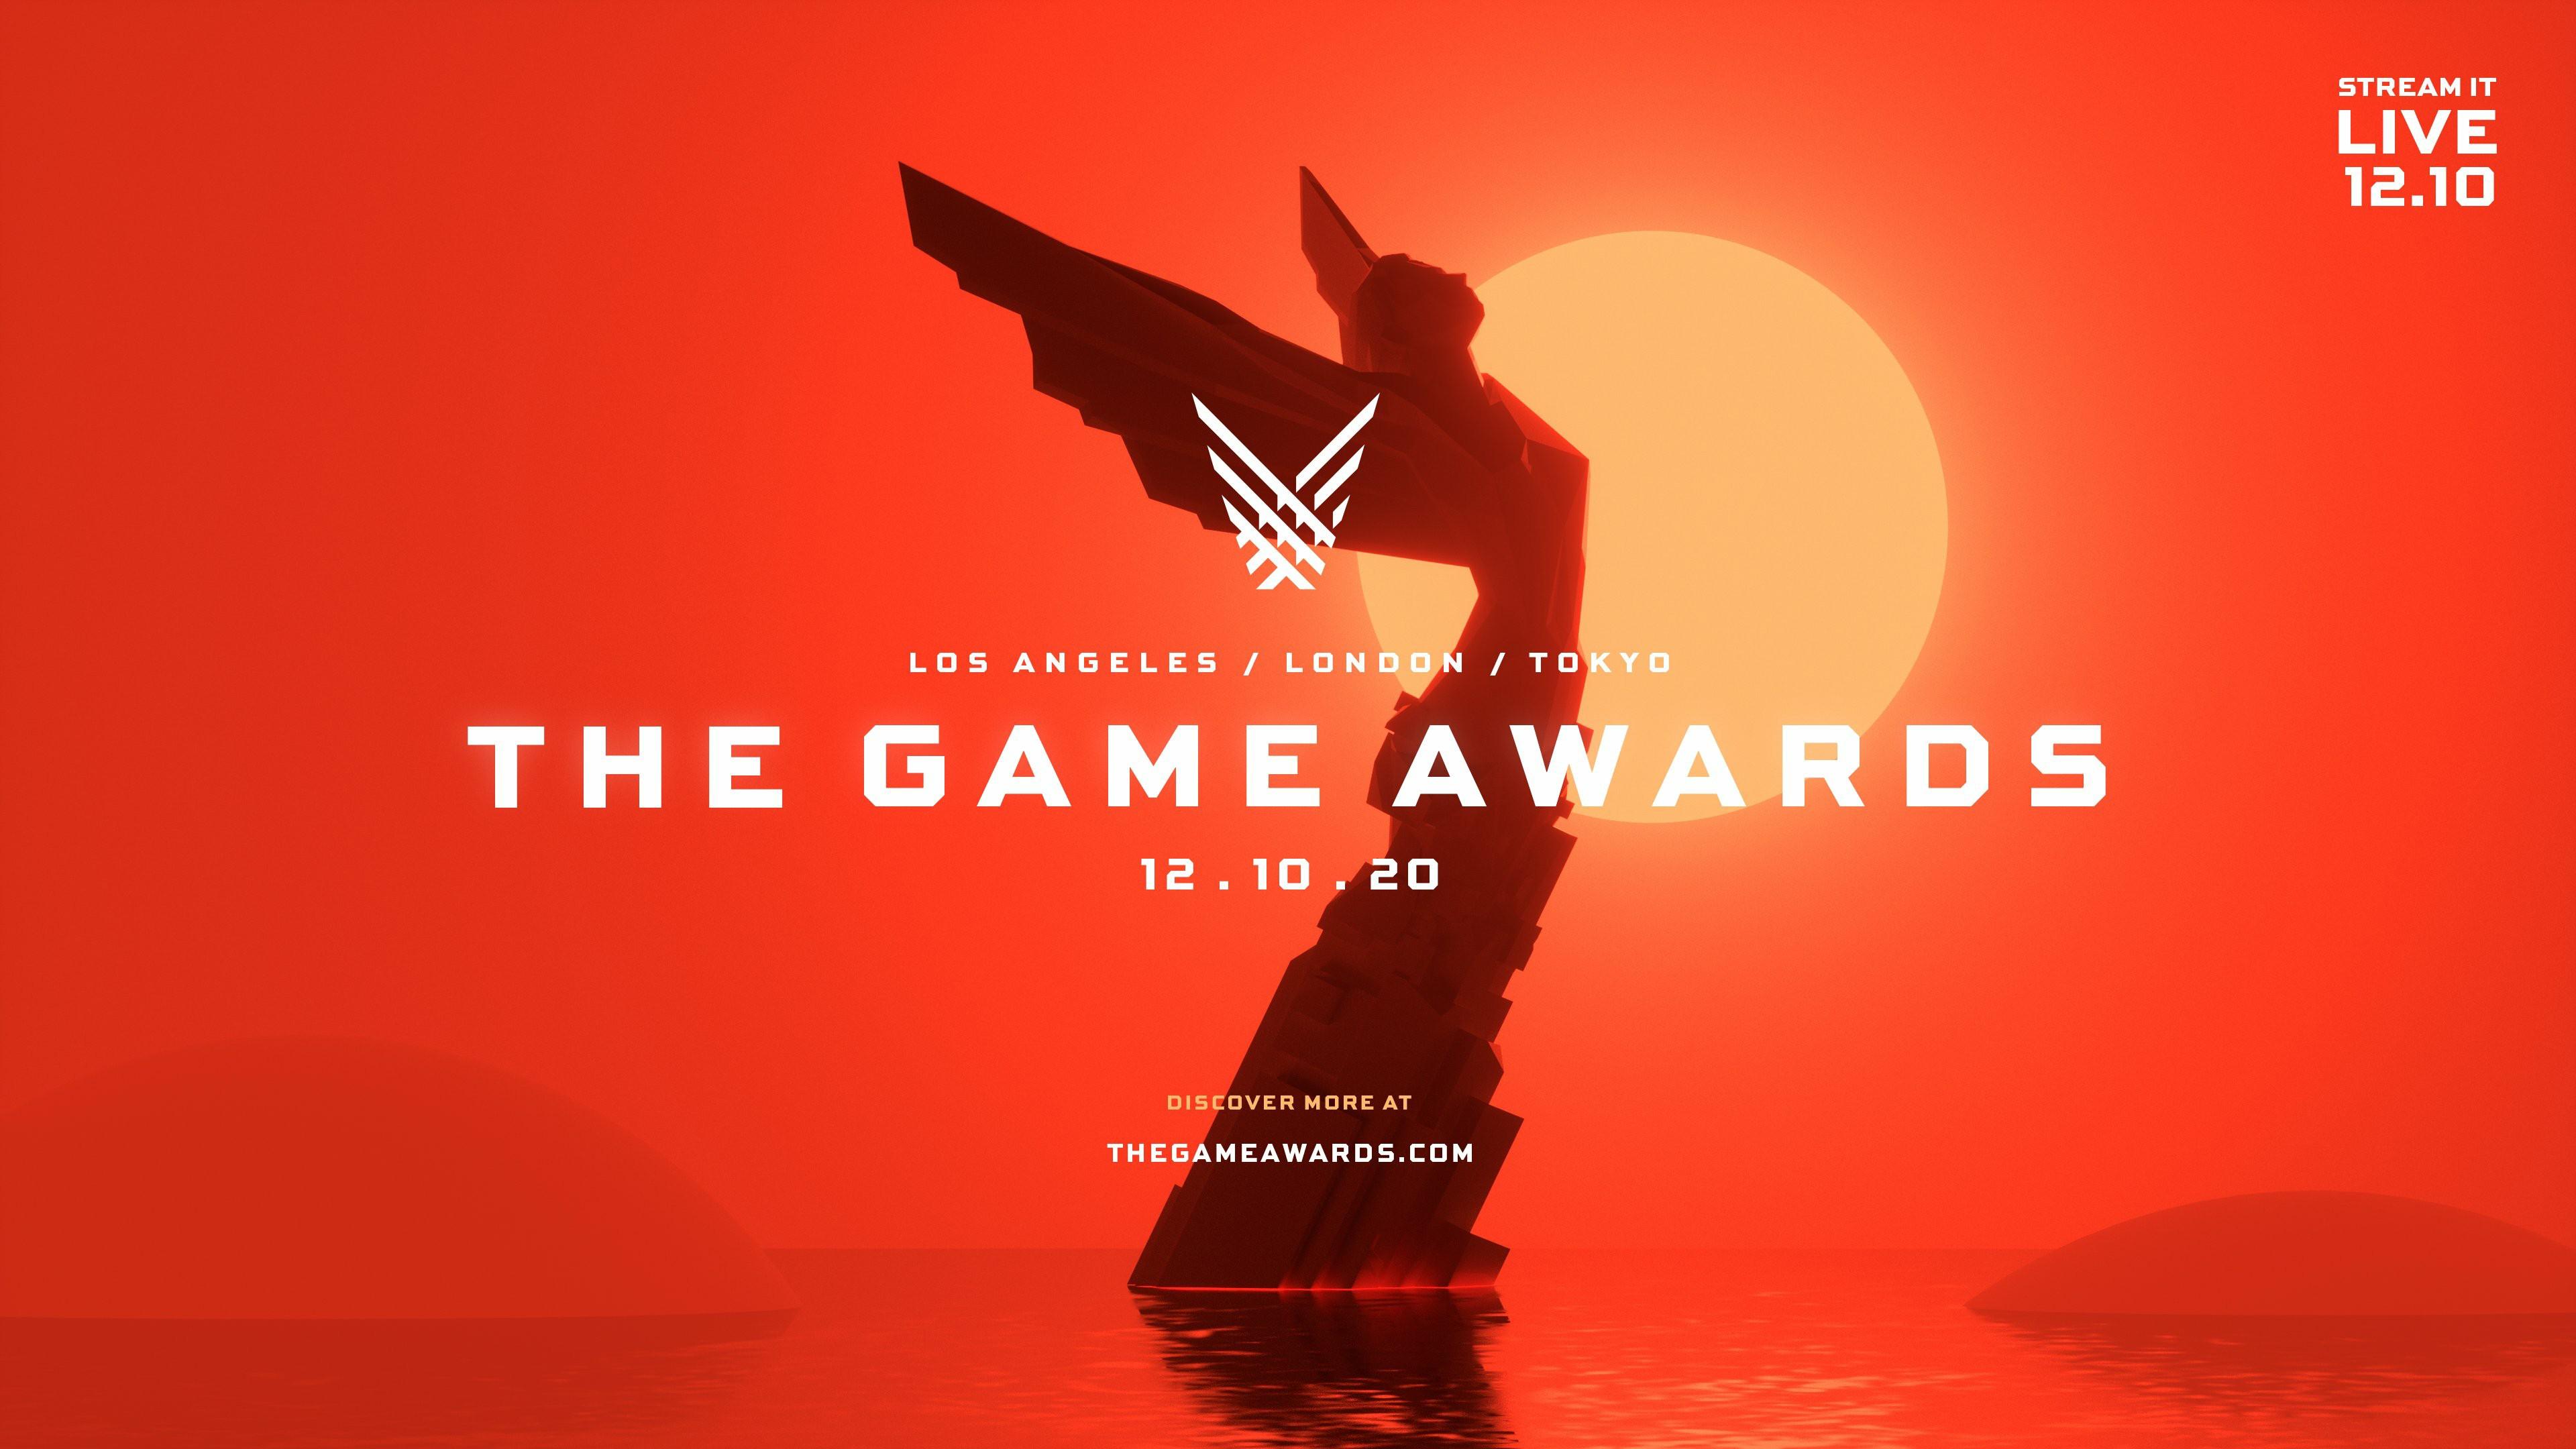 〈好Game〉年度遊戲大獎入圍名單公布 《最後生還者2》獲十提名成焦點